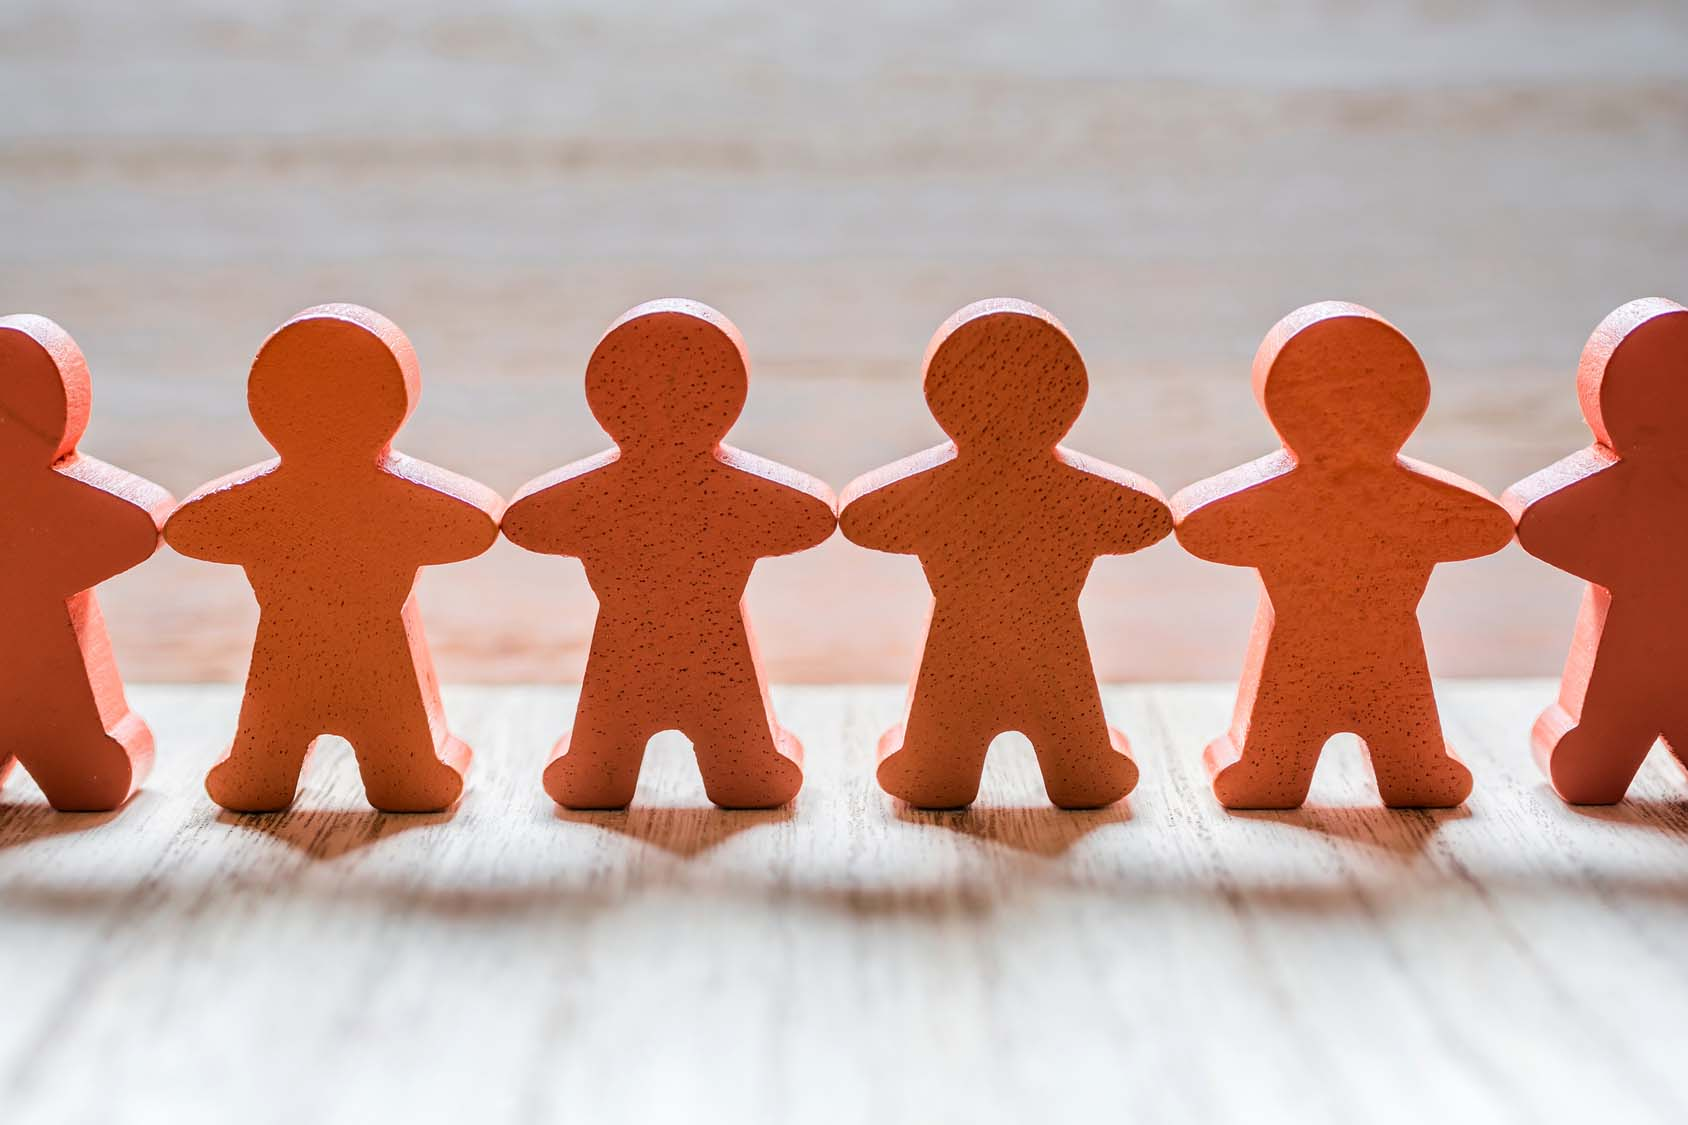 Haftungsfalle entdeckt: So lösen Sie als Vorstand das gefährliche Dilemma